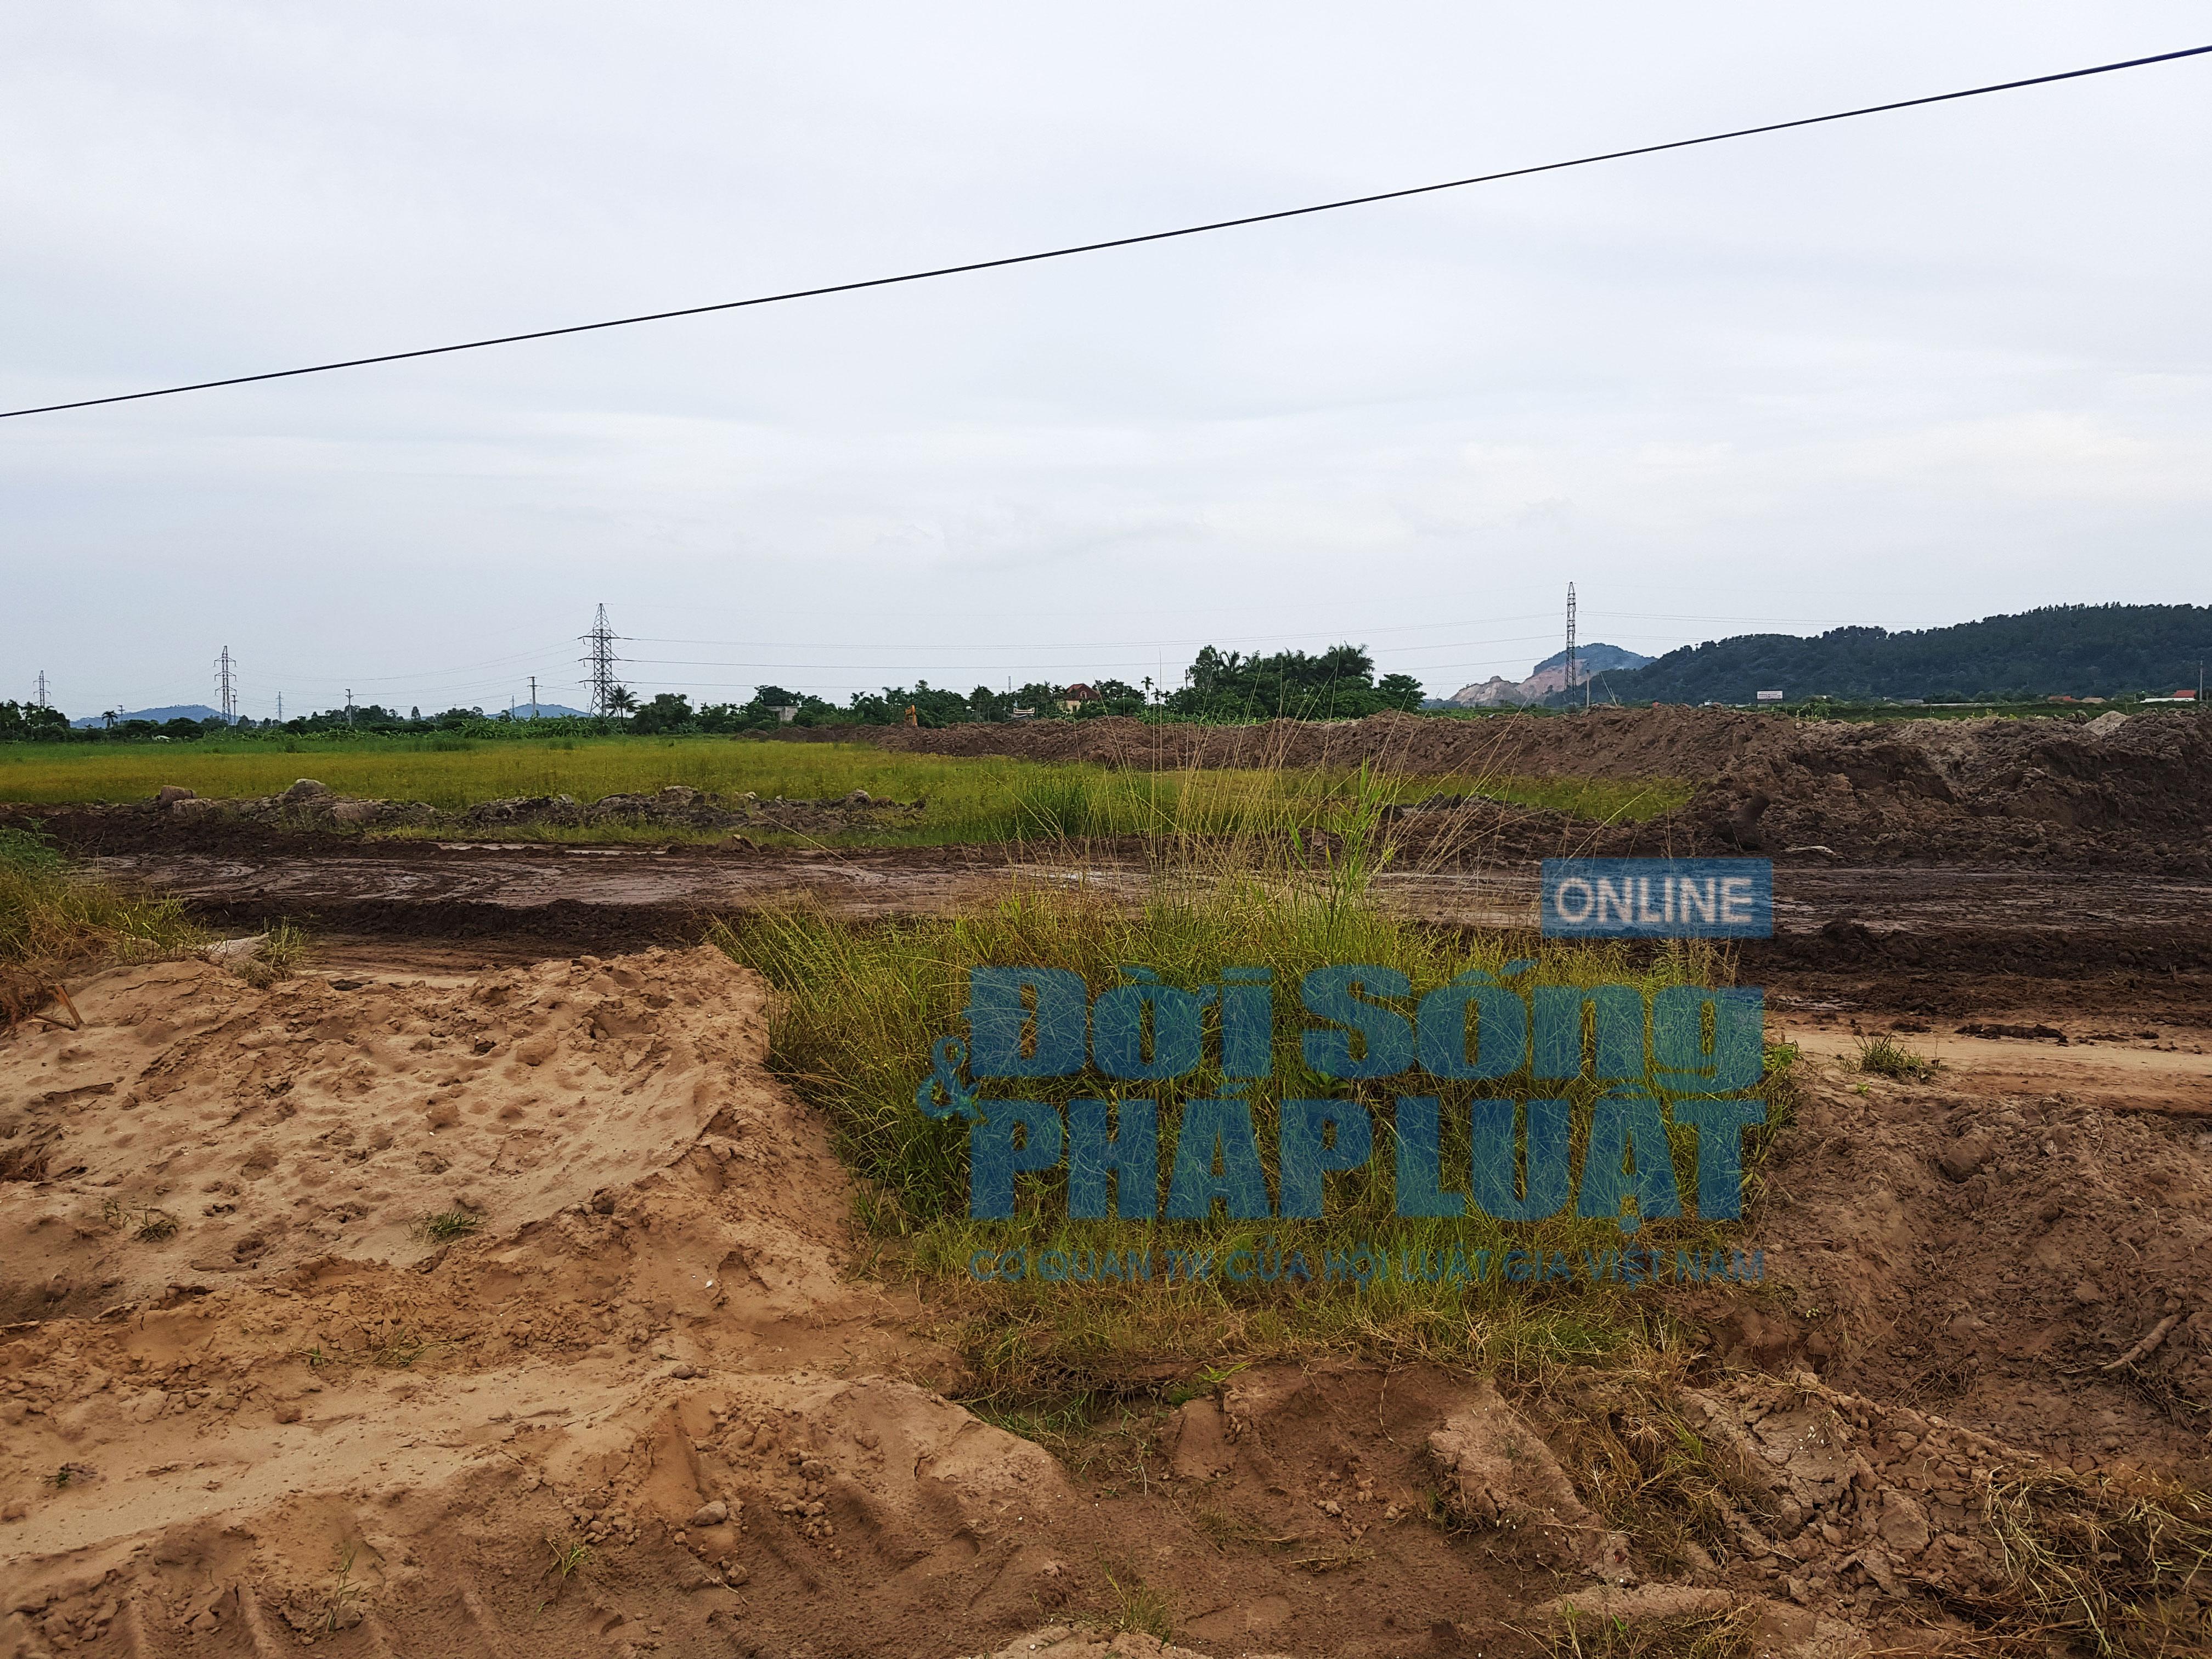 Cận cảnh Khu đô thị Tràng Duệ – Seoul Eco Homes mở bán trái quy định - Ảnh 2